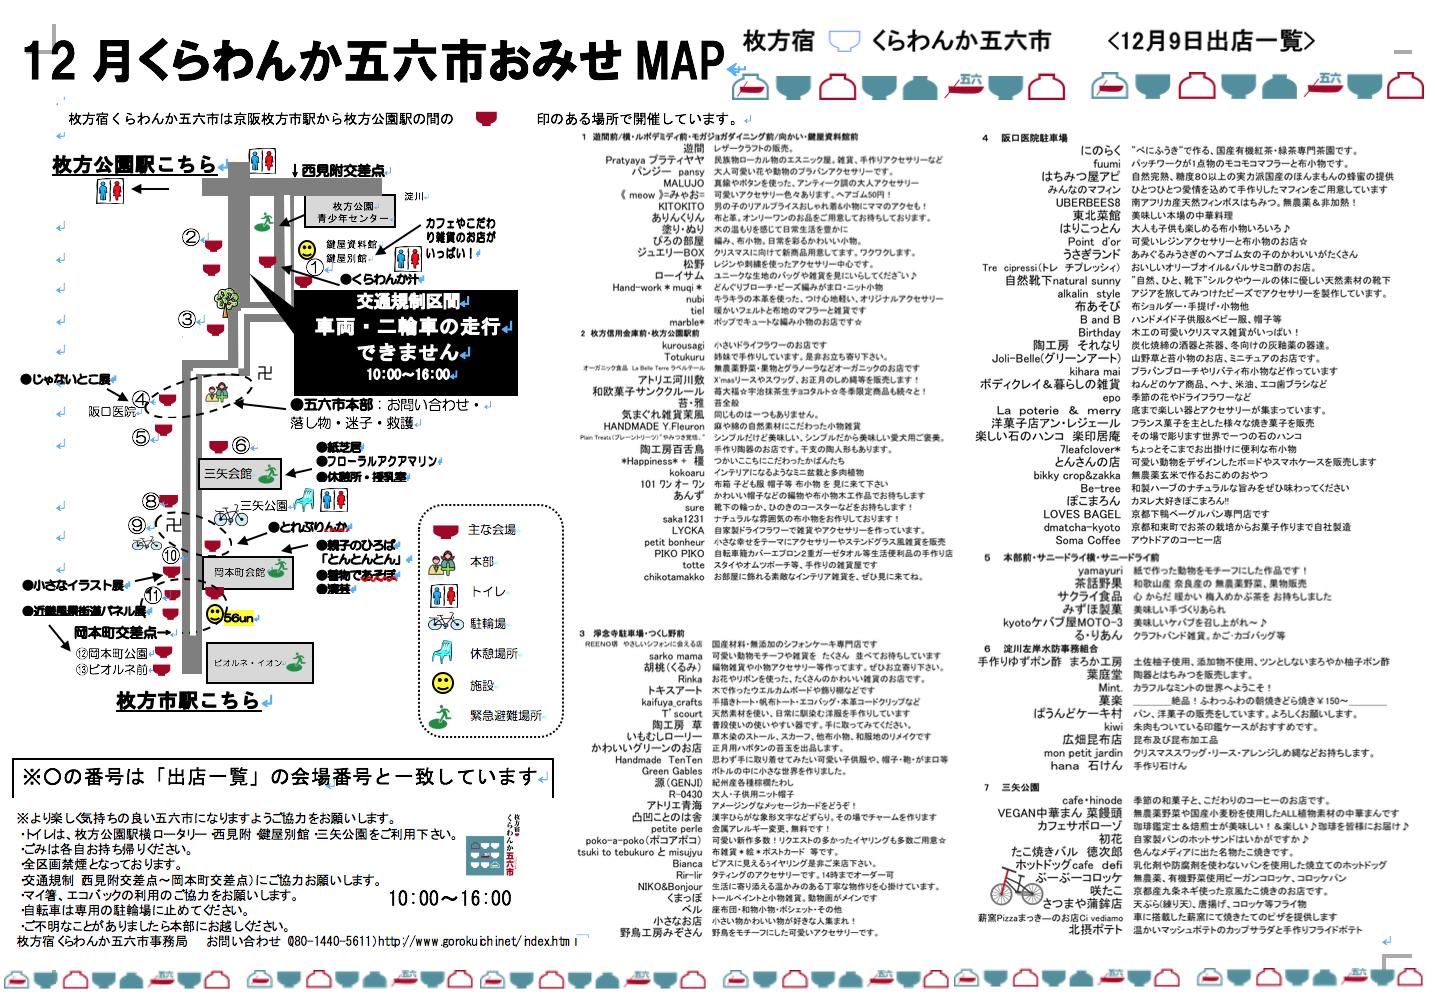 f:id:gorokuichi:20181205200039p:plain